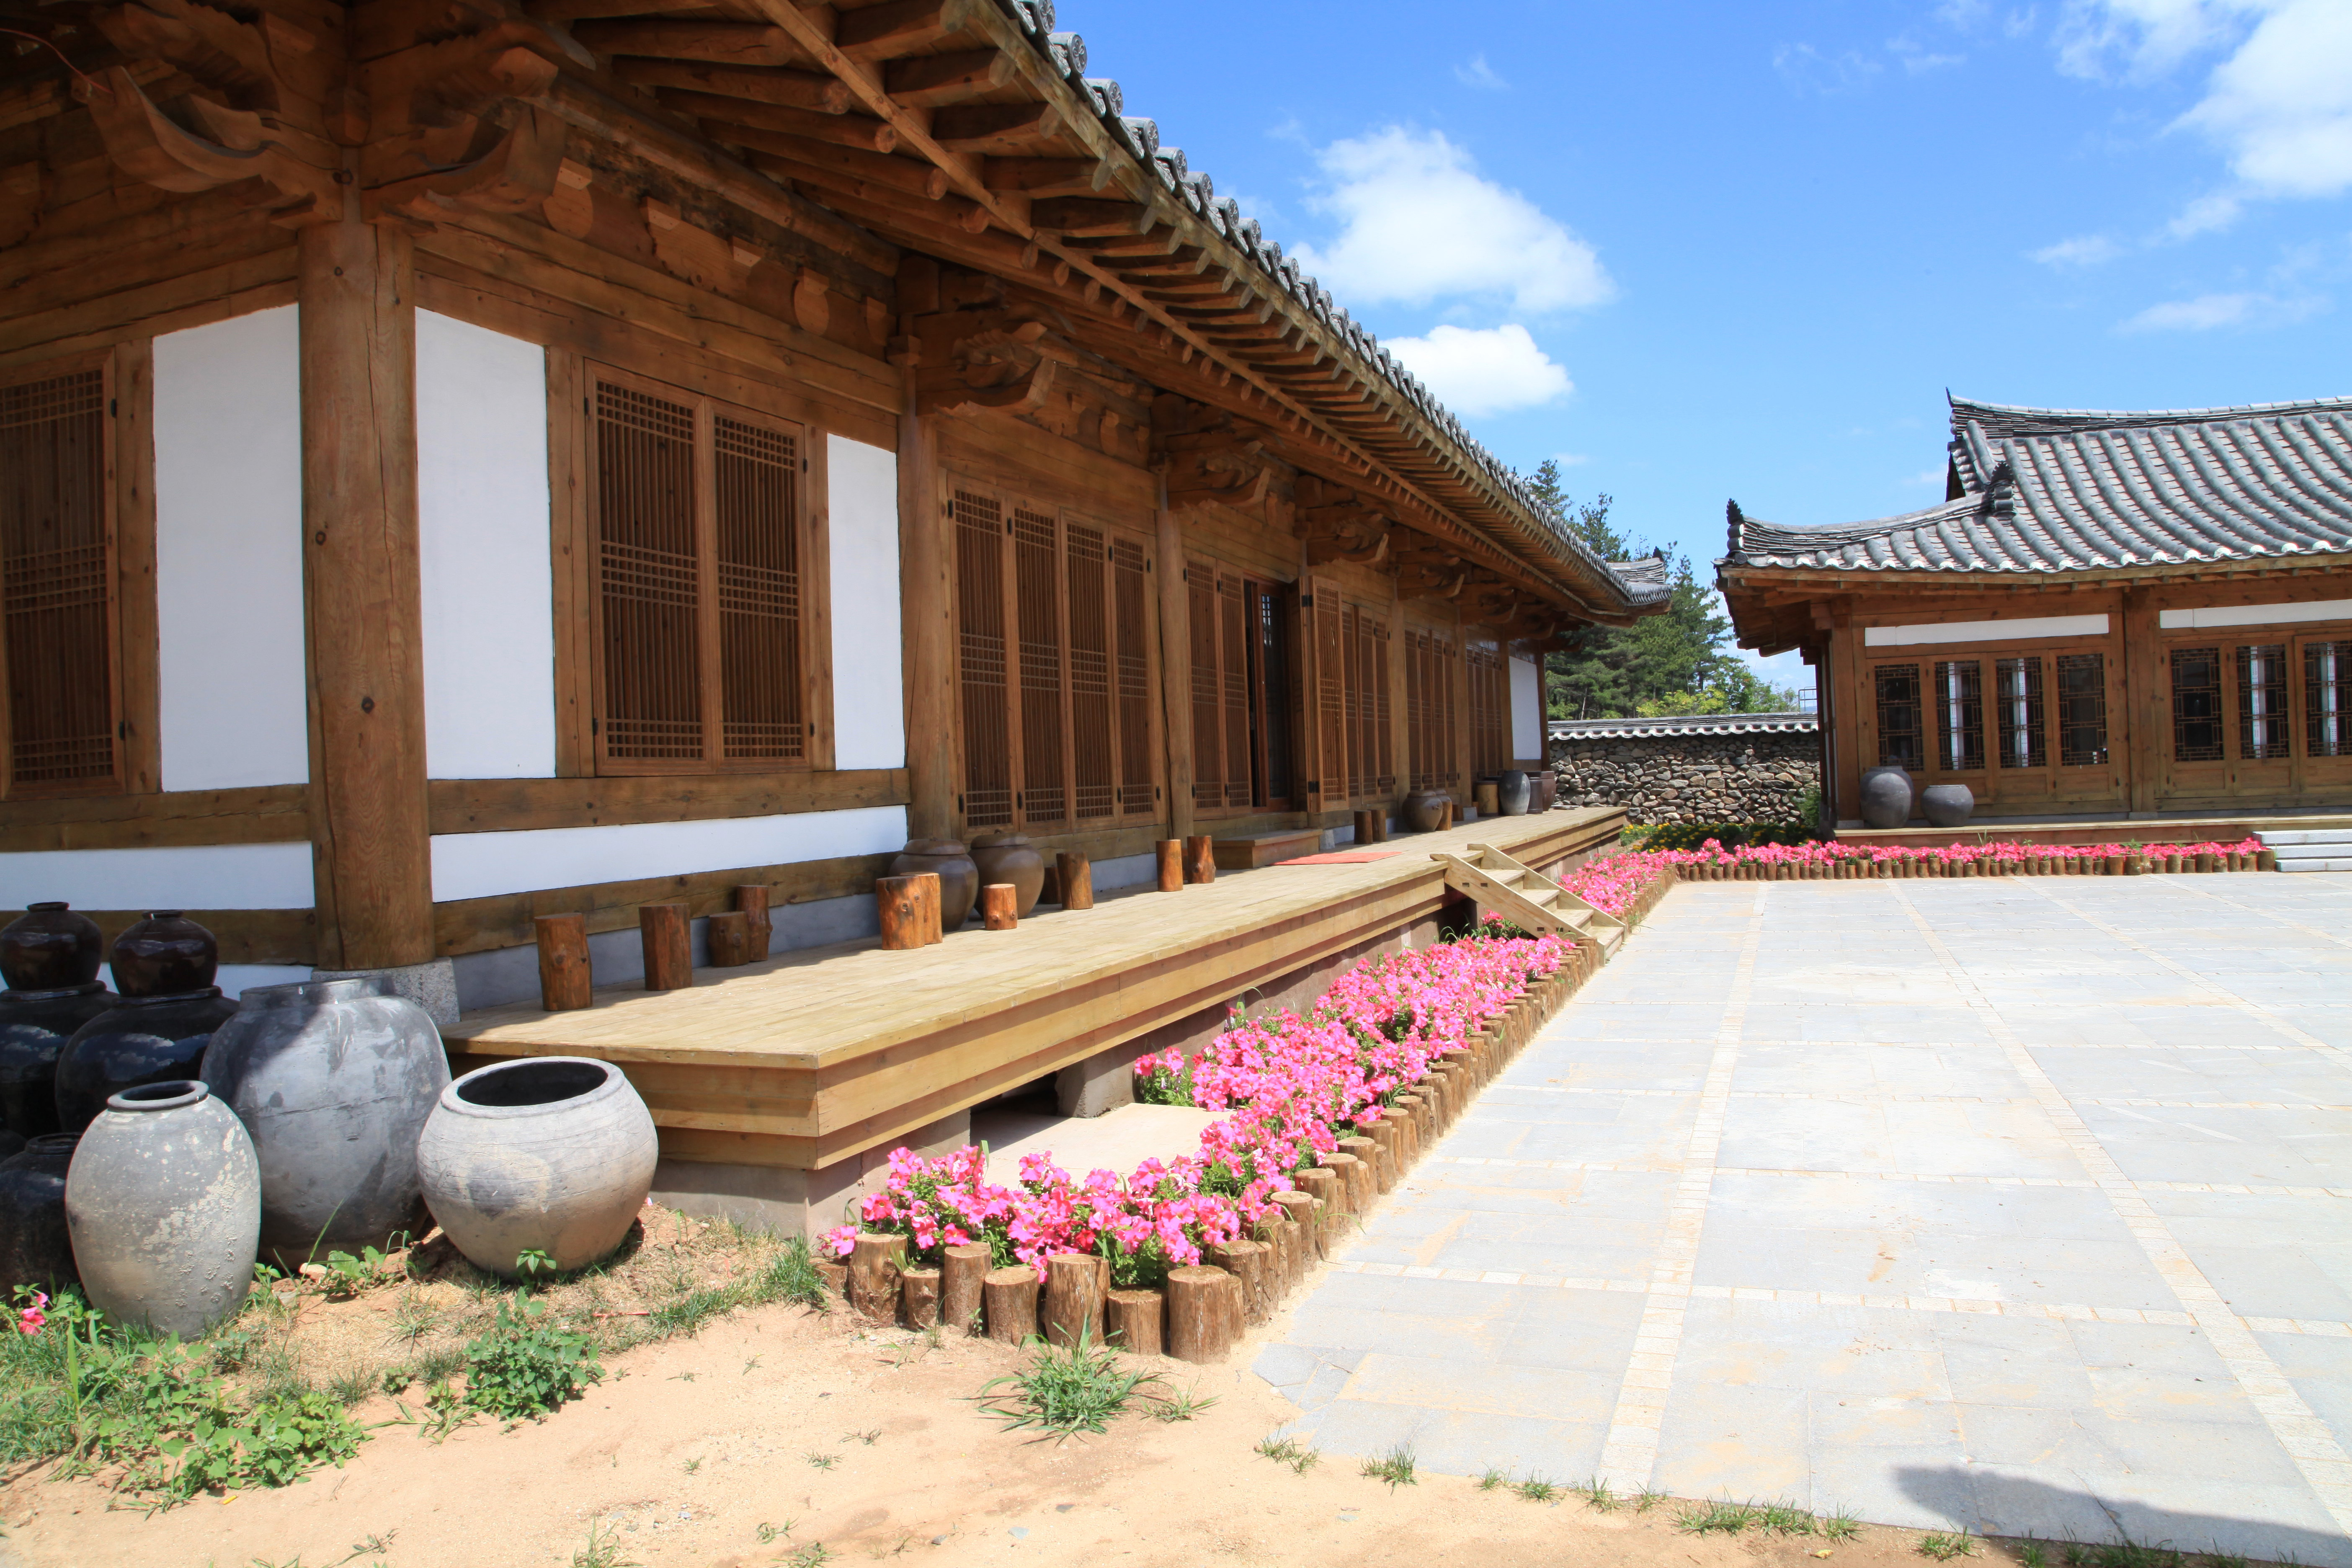 朝鲜族民俗风情园图片